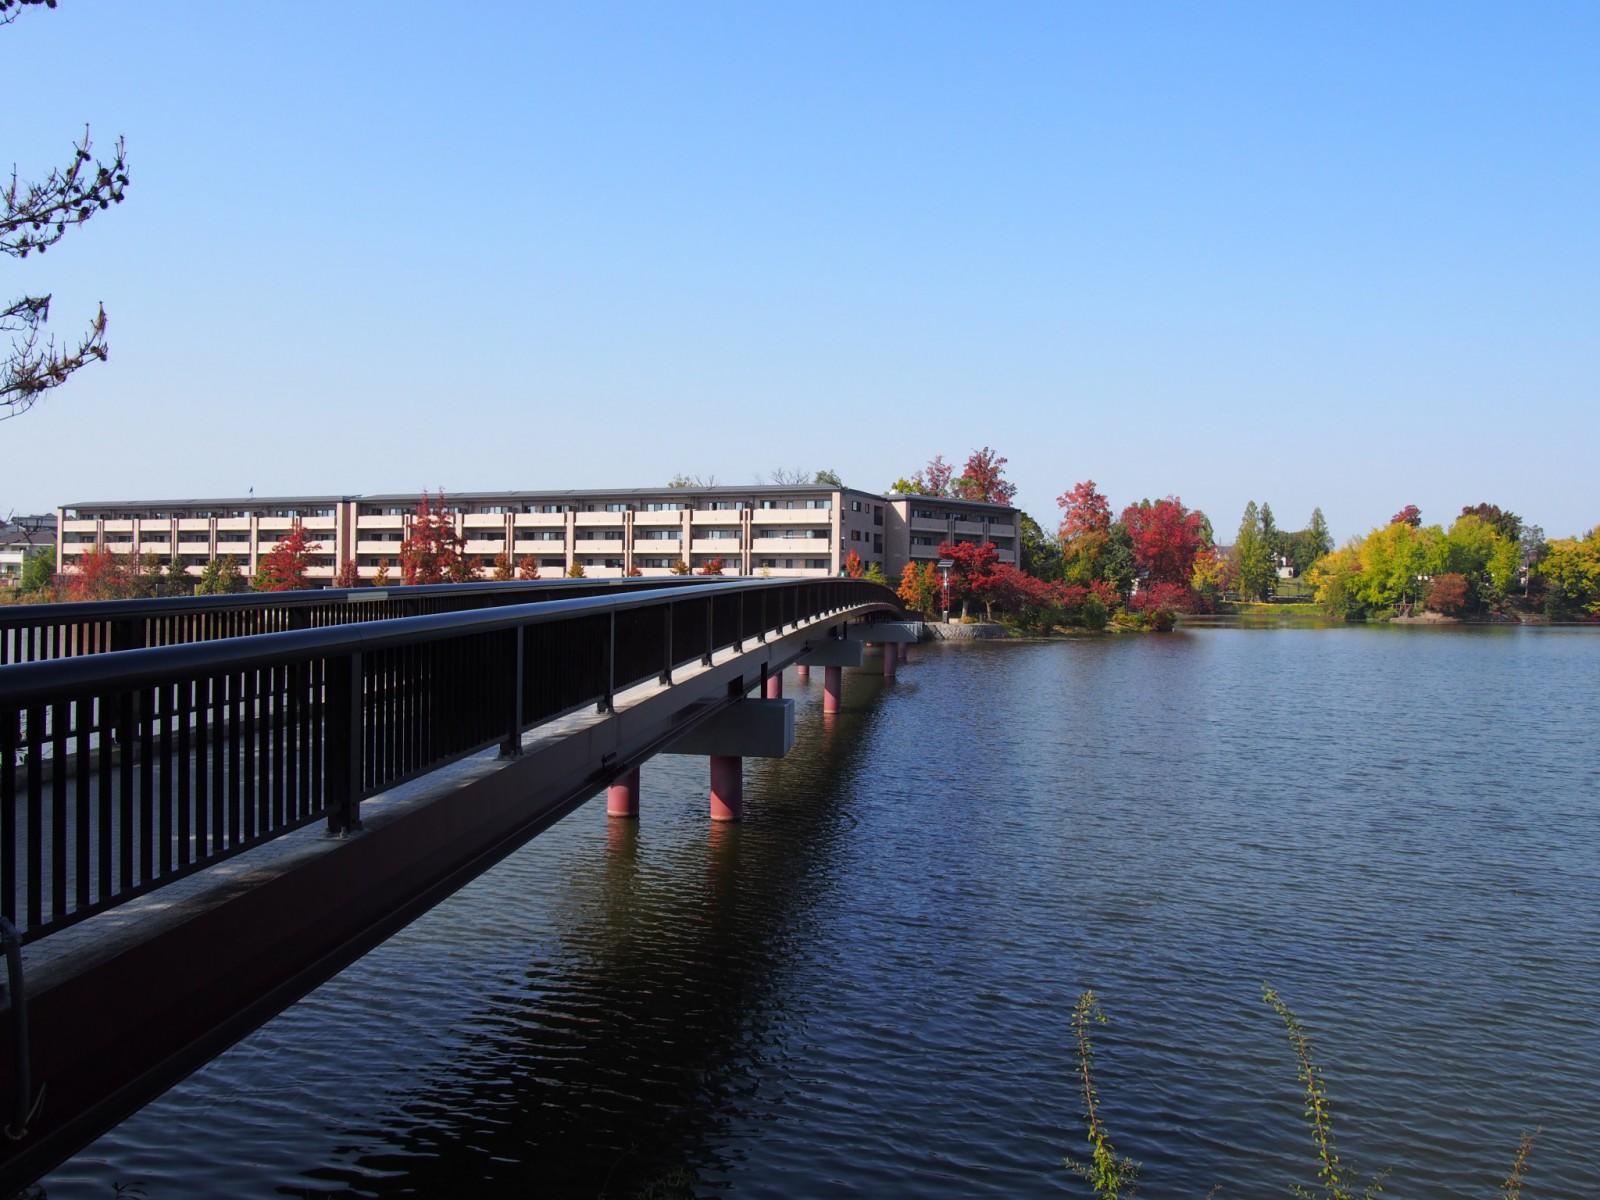 高級住宅街・マンションに囲まれた菖蒲池